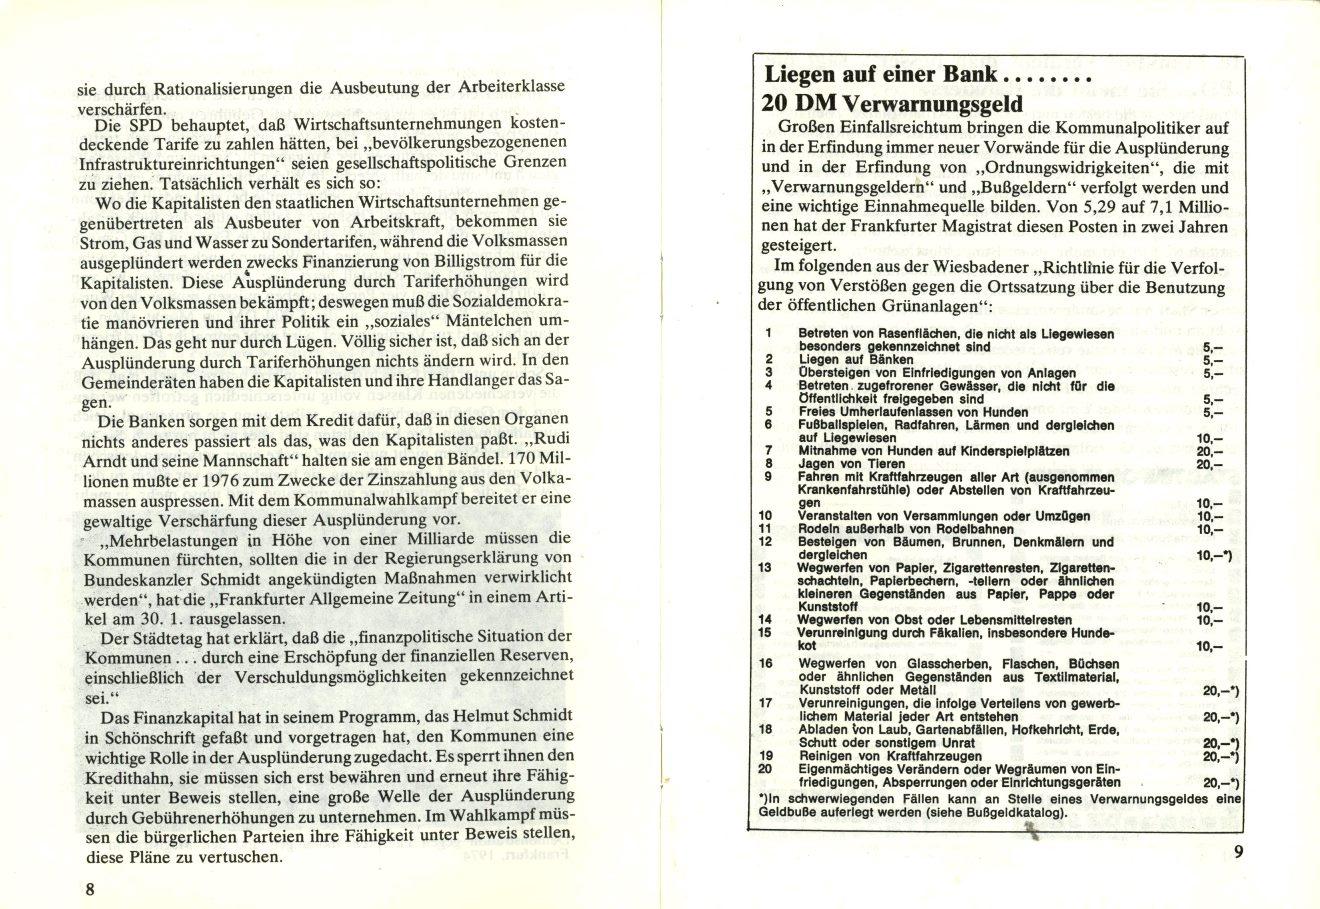 Frankfurt_KBW_Finanzkapital_Stadtparlament_1977_06